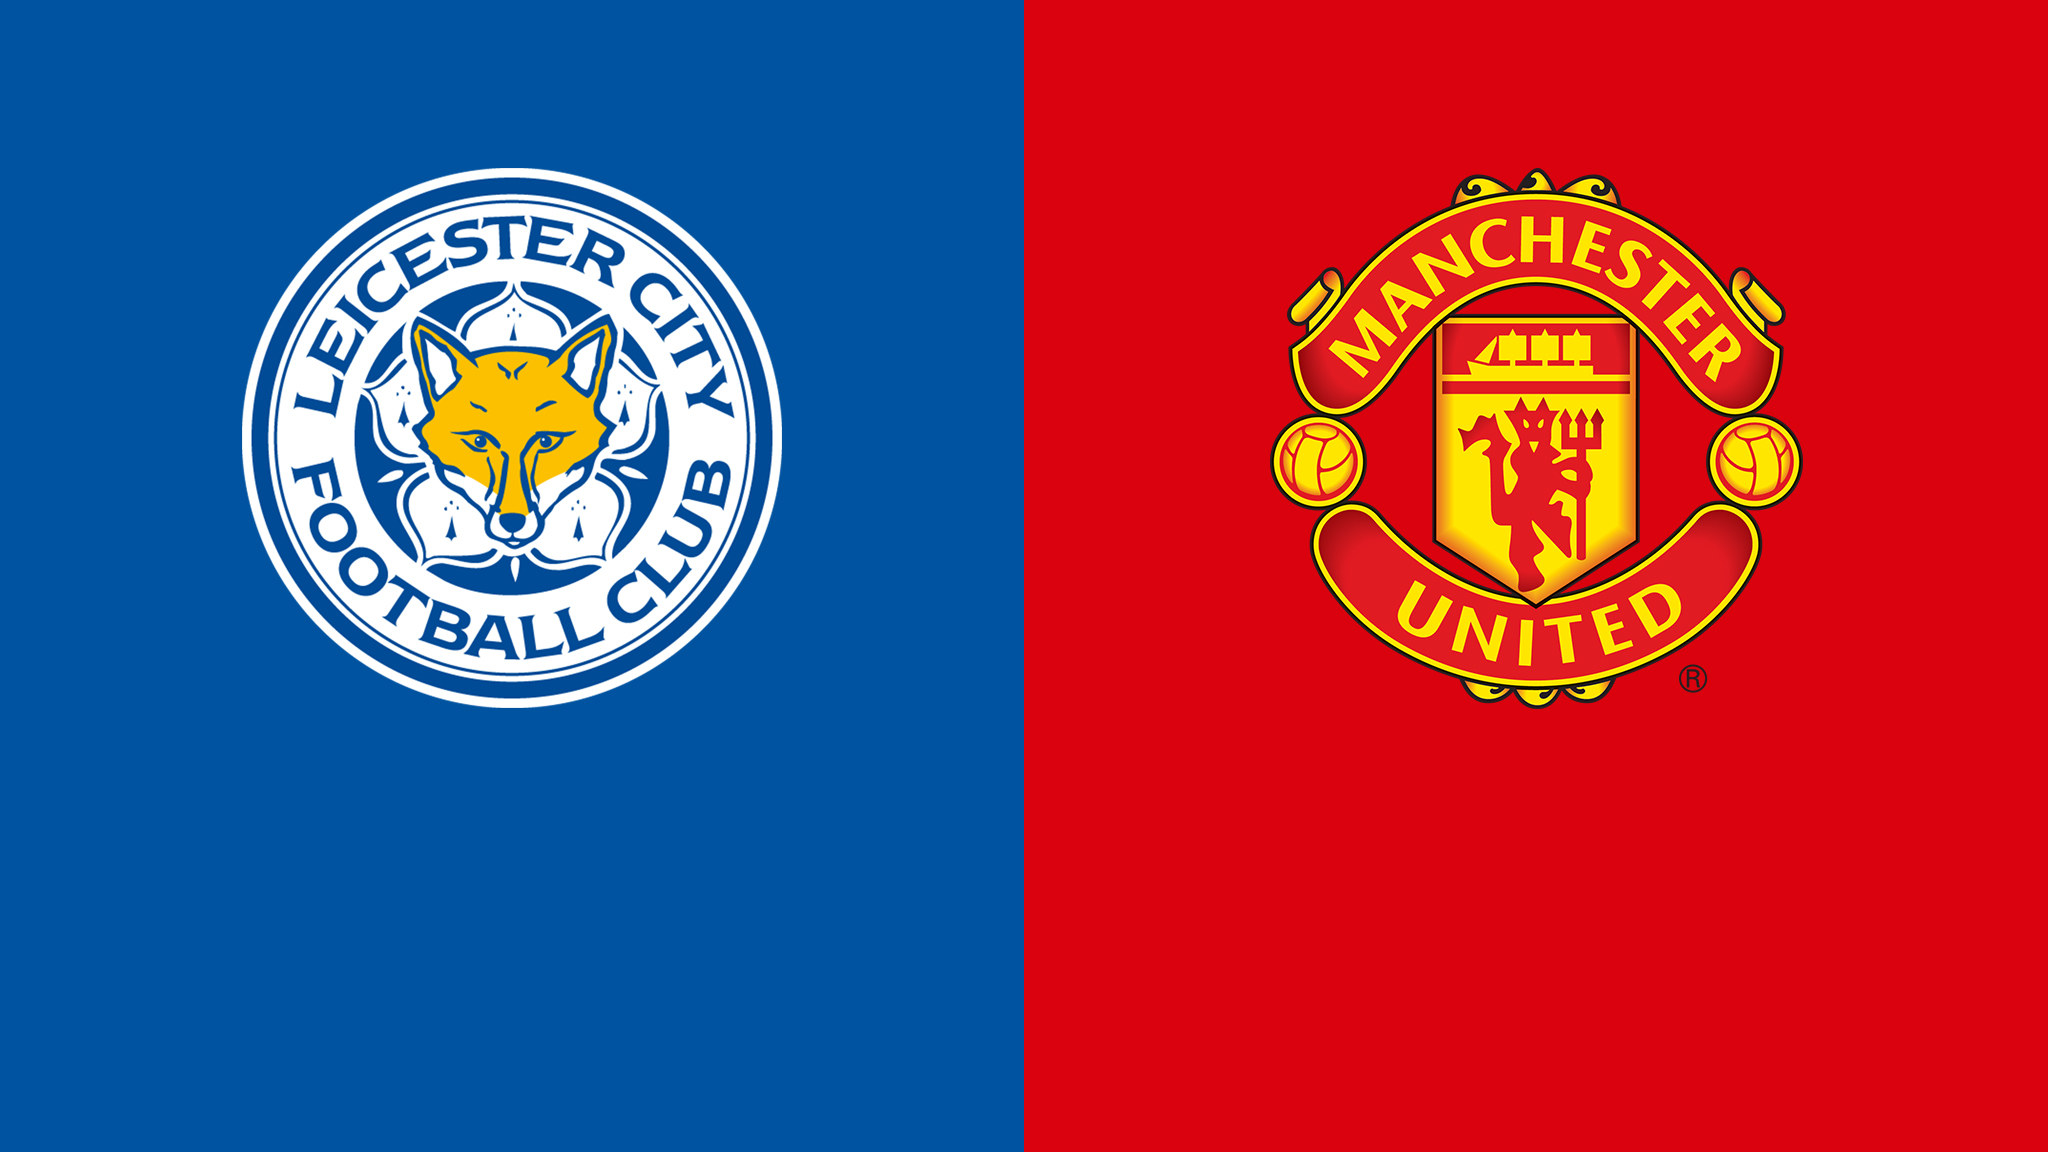 دليلك الشامل لمباراة مانشستر يونايتد ضد ليستر سيتي في الدوري الإنجليزي الممتاز